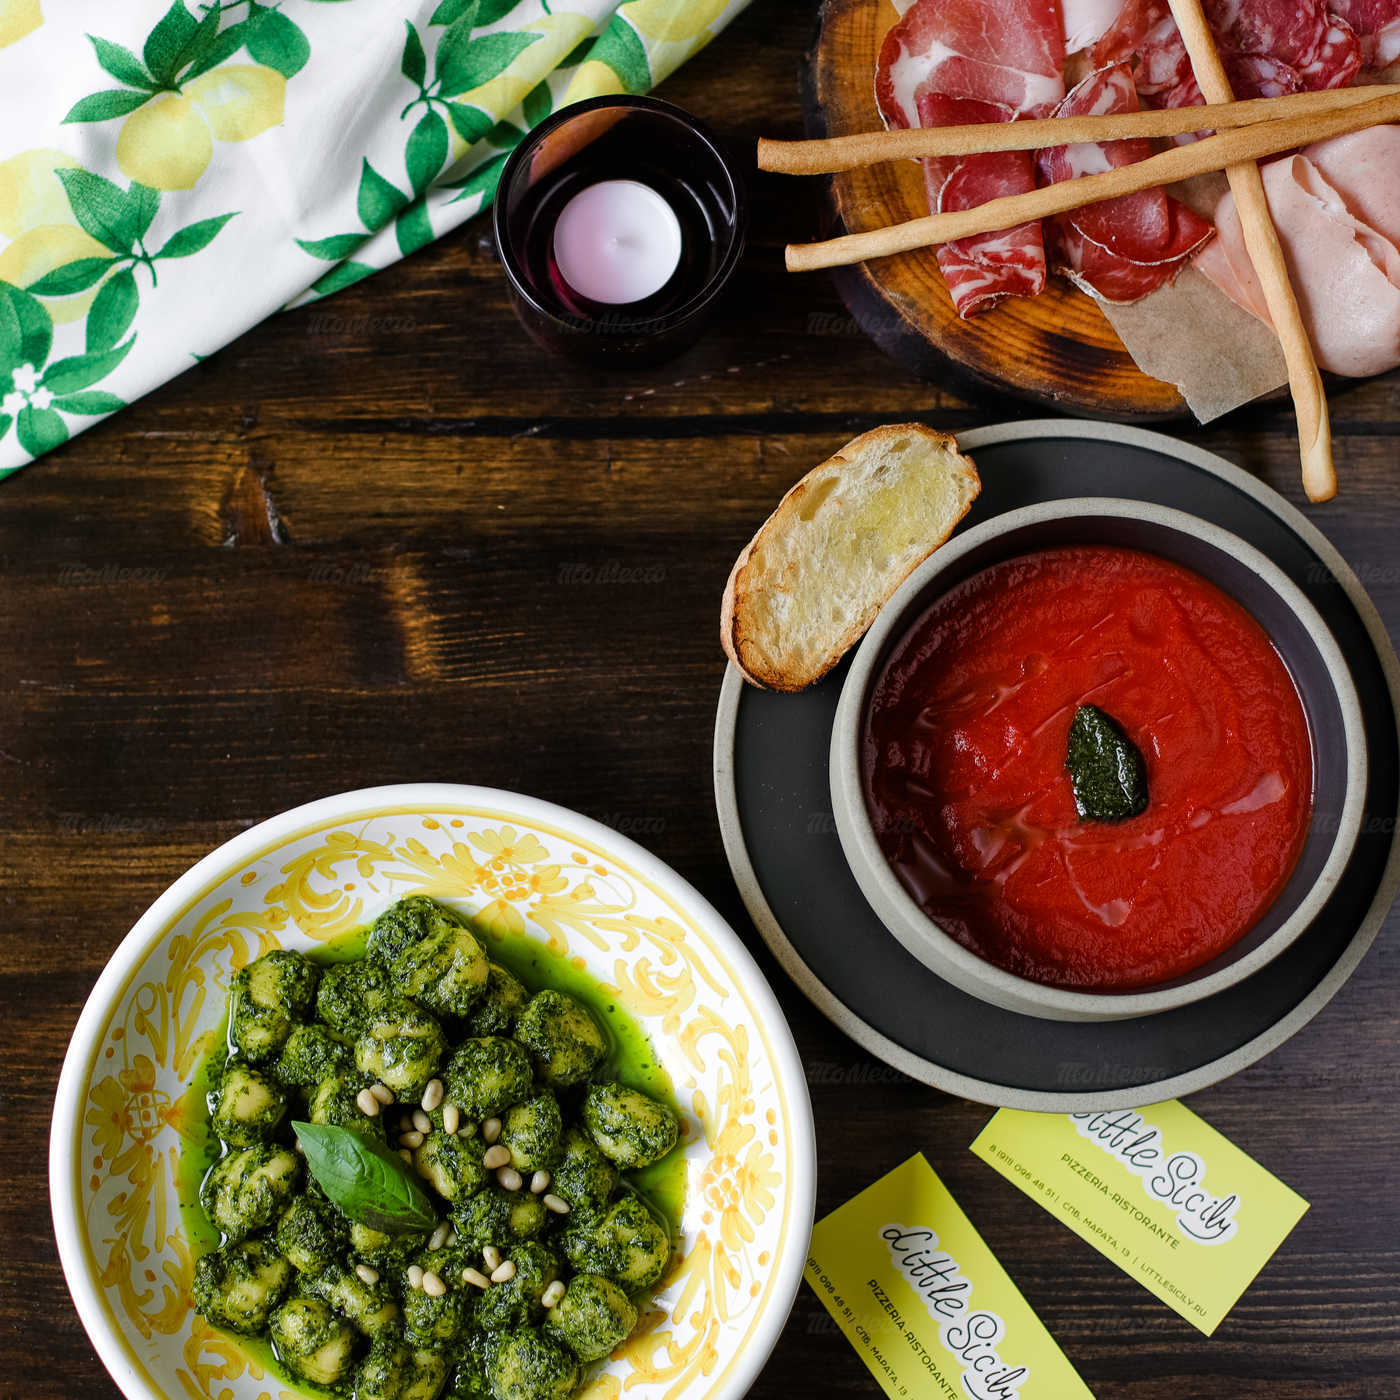 Меню ресторана Little Sicily на Марата фото 21